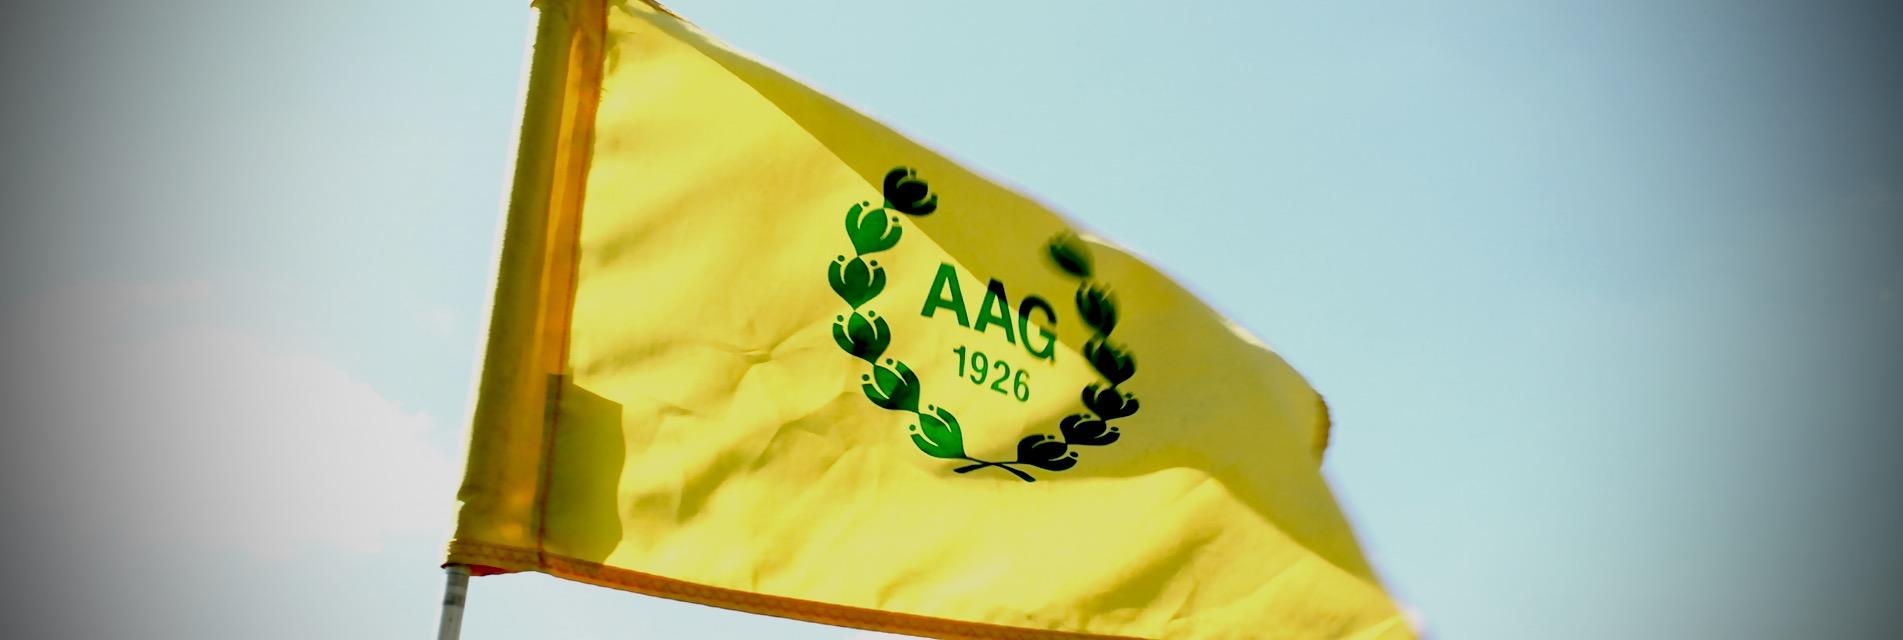 bandera aag (1)